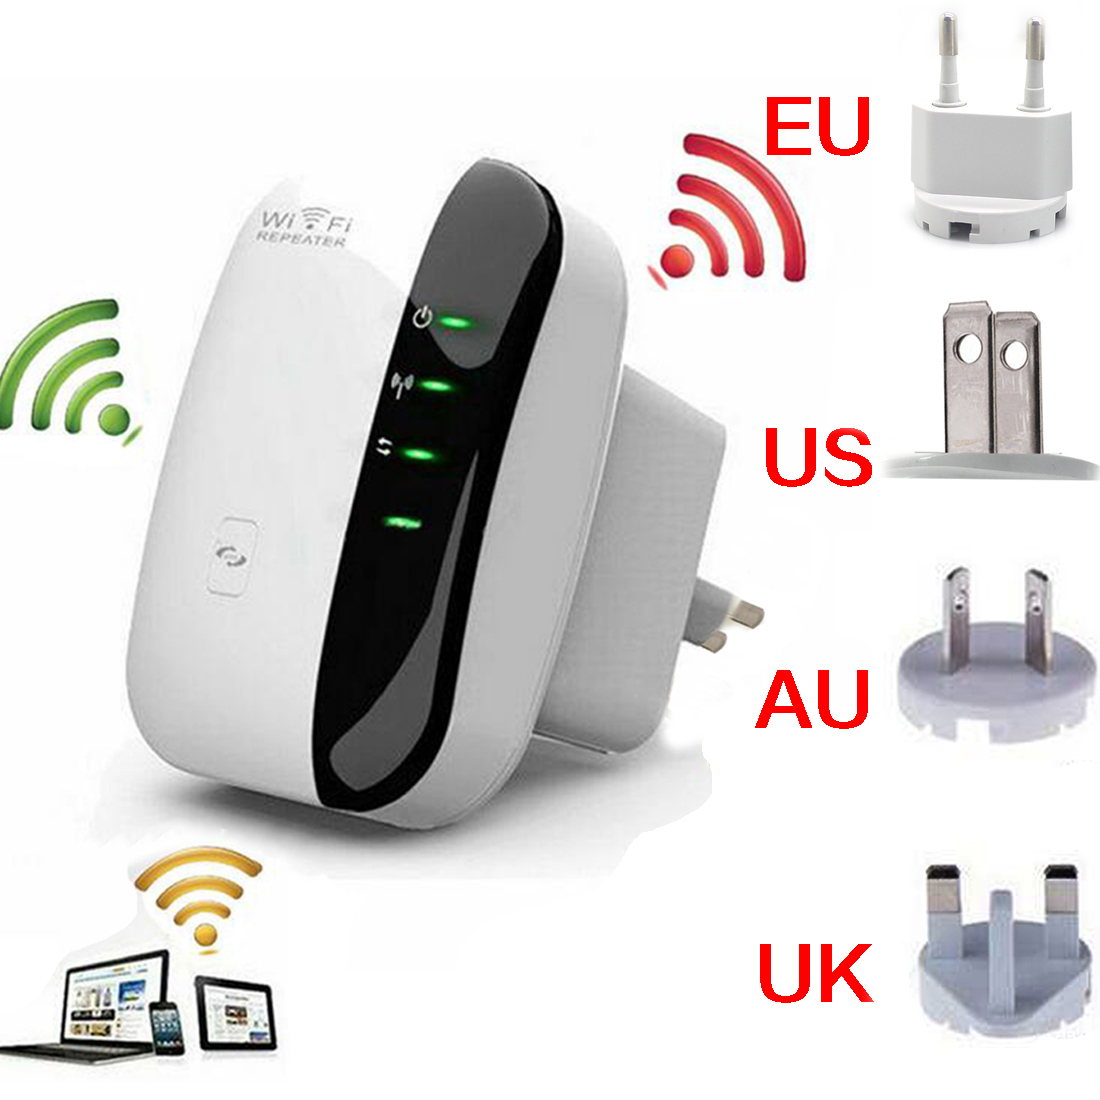 NOYOKERE Sans Fil-N Wifi Répéteur 802.11n/b/g Réseau Wi Fi Routeurs 300 Mbps Expander Signal booster Extender Cryptage